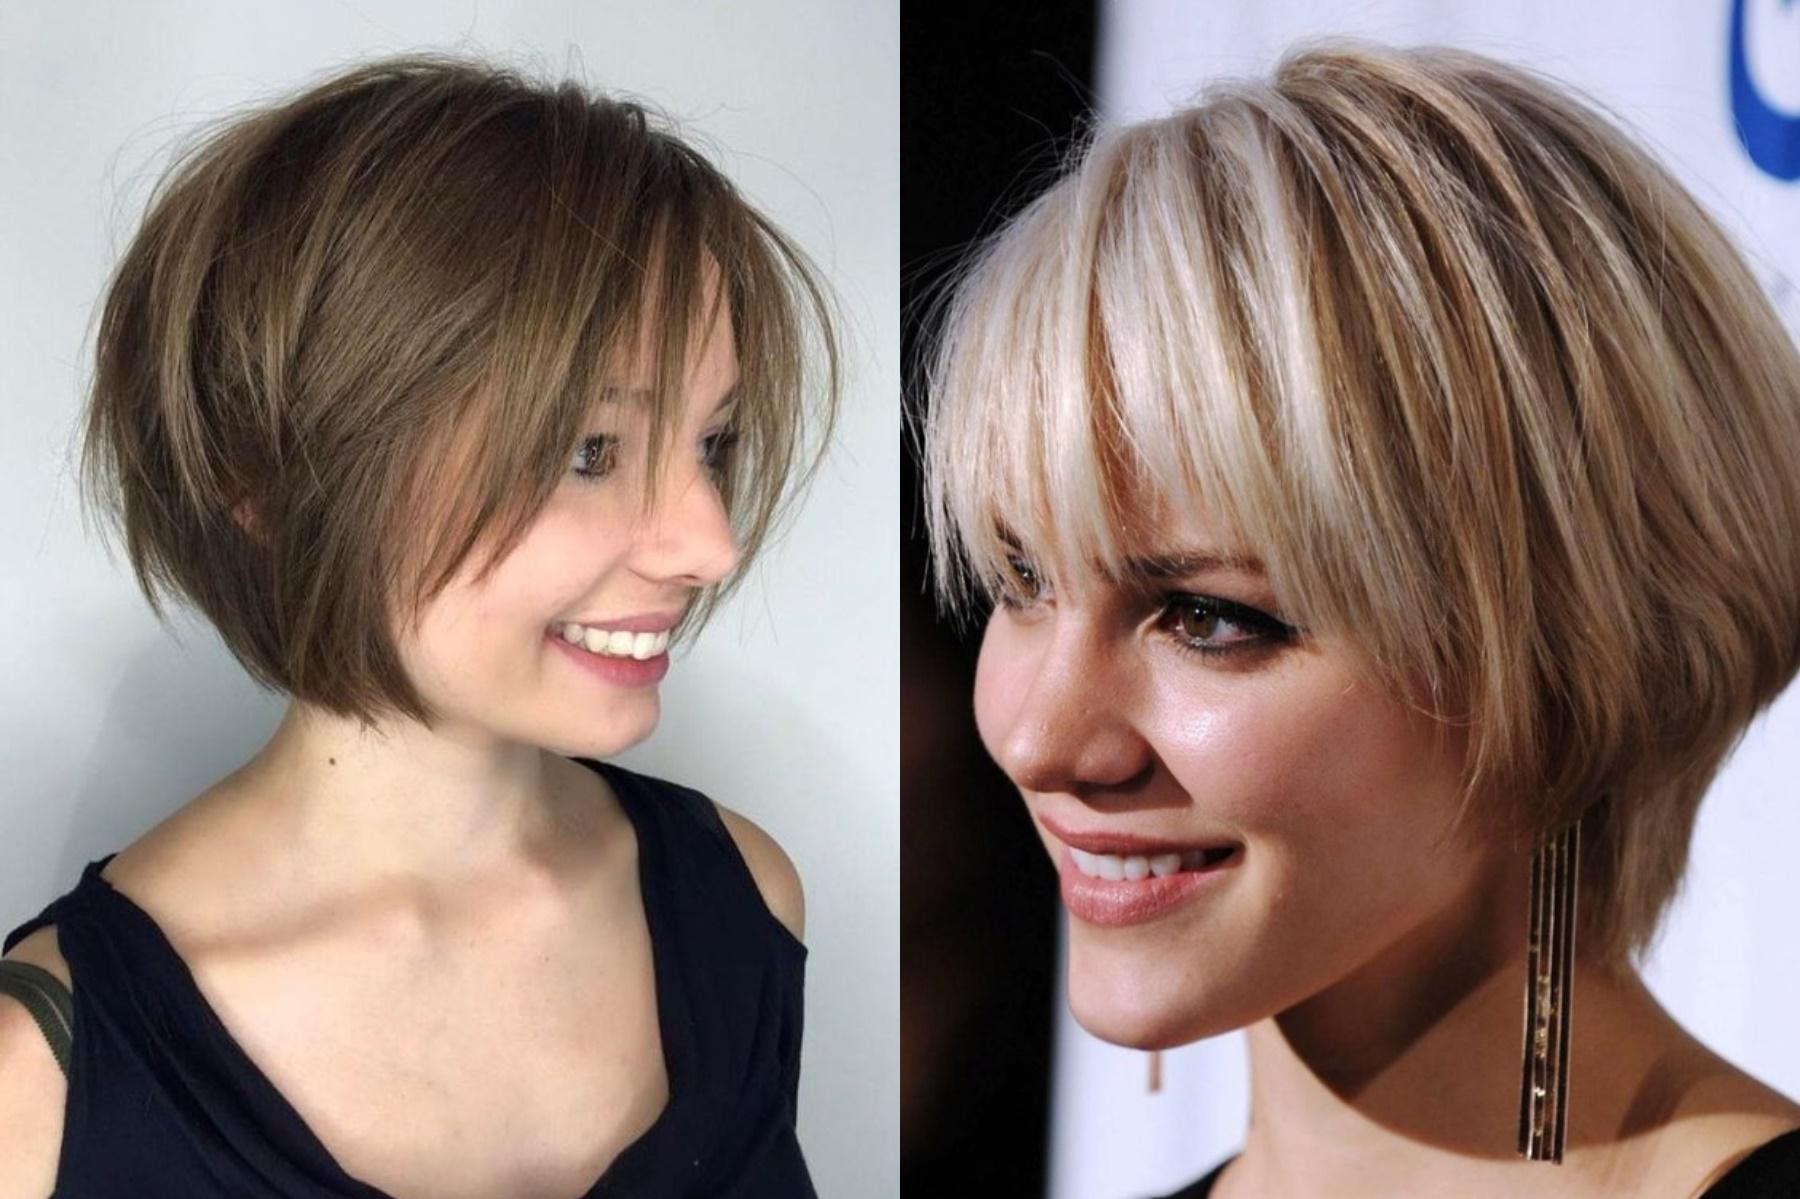 image2-169 | Модные женские стрижки на короткие волосы: основные правила и варианты исполнения